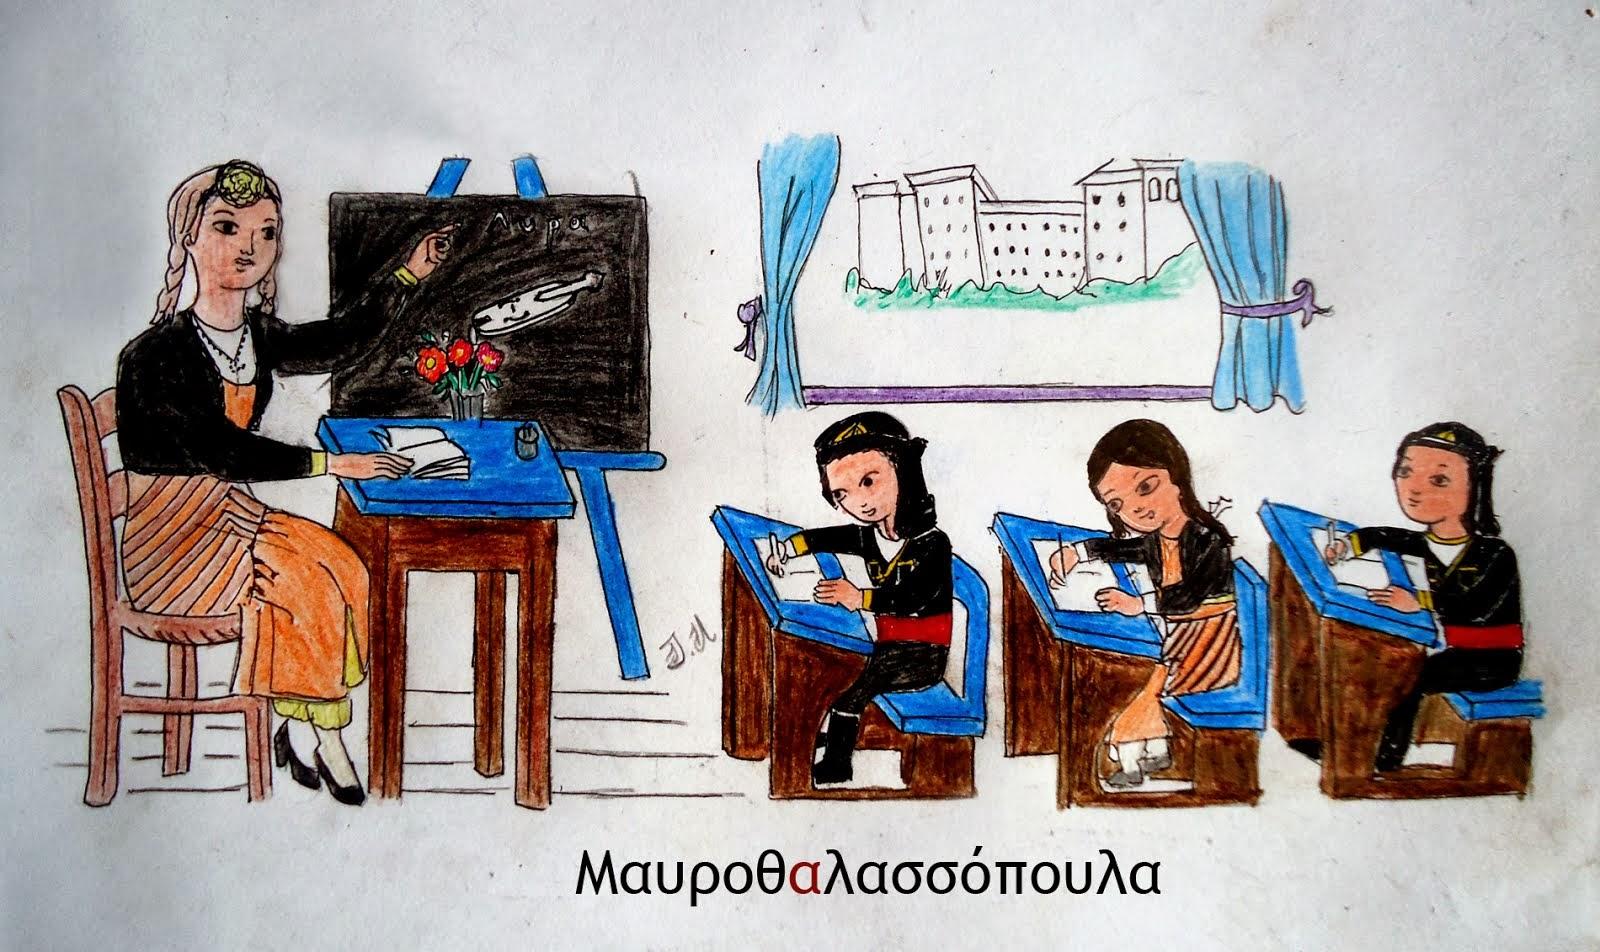 Διαδικτυακά μαθήματα Ποντιακής διαλέκτου.